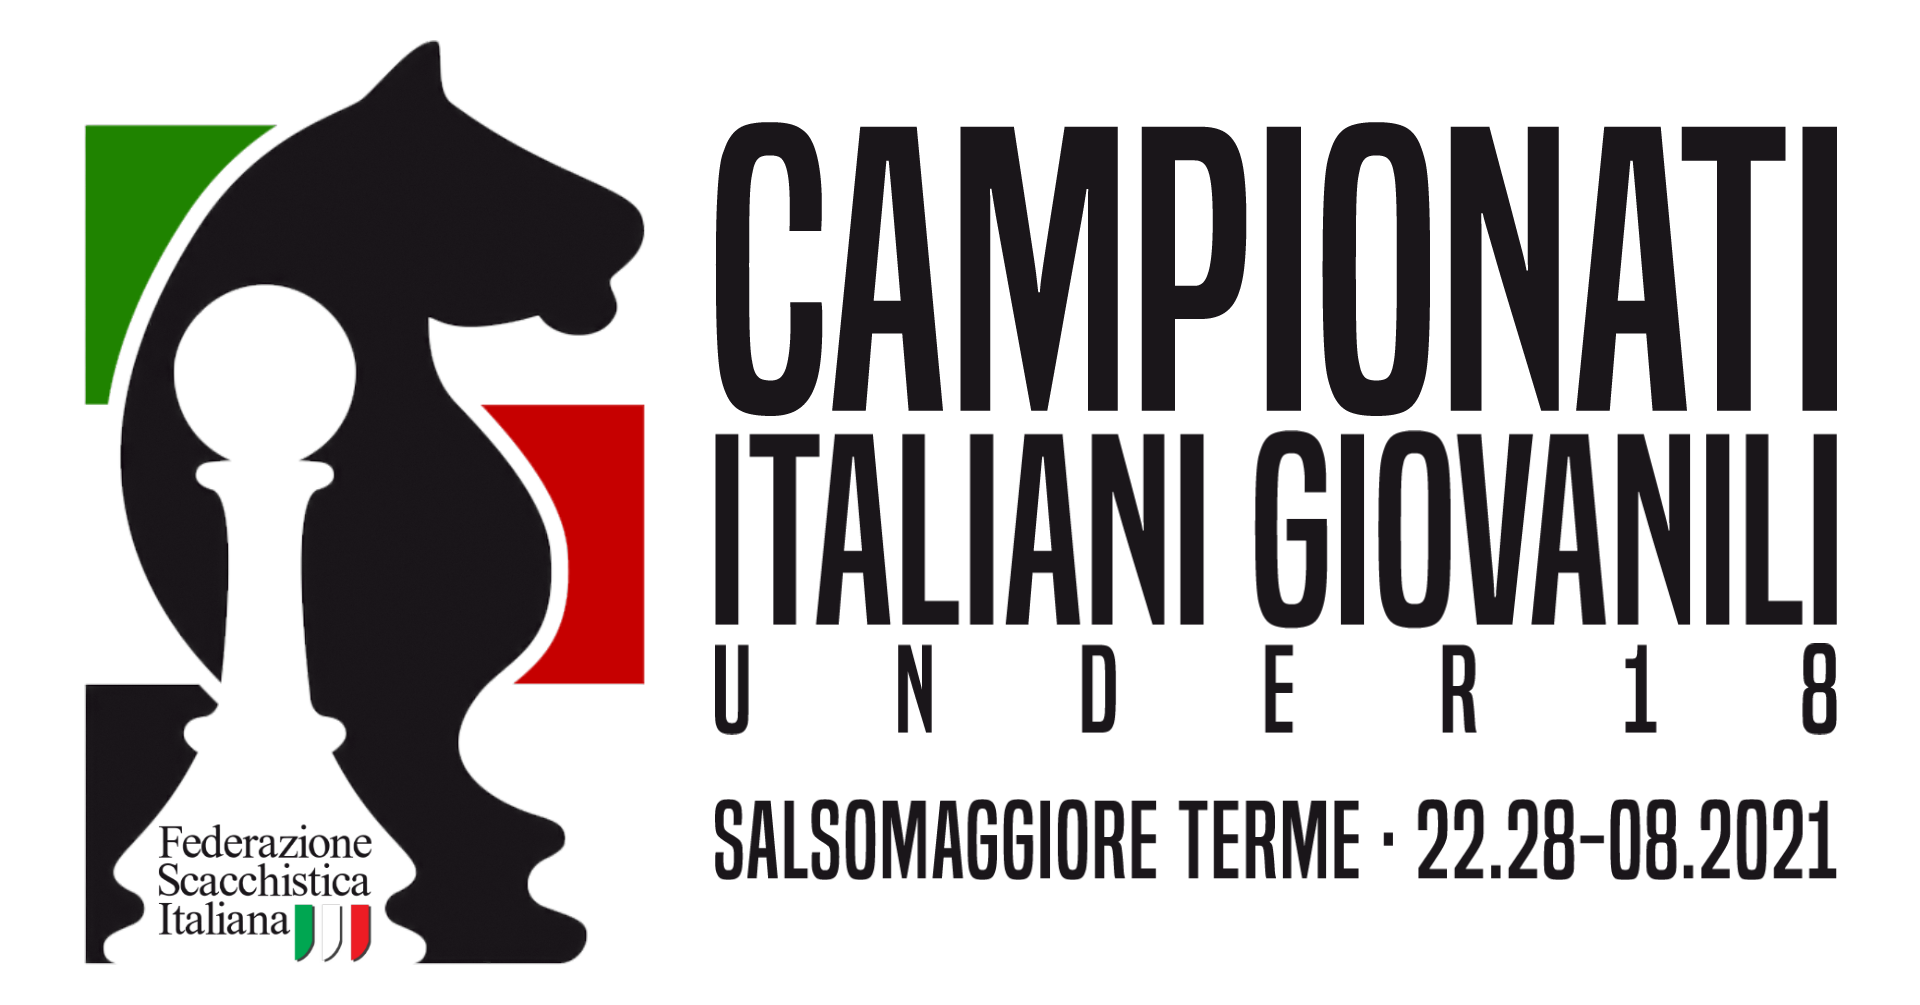 FSI-campionati-u18-banner_transparent_png